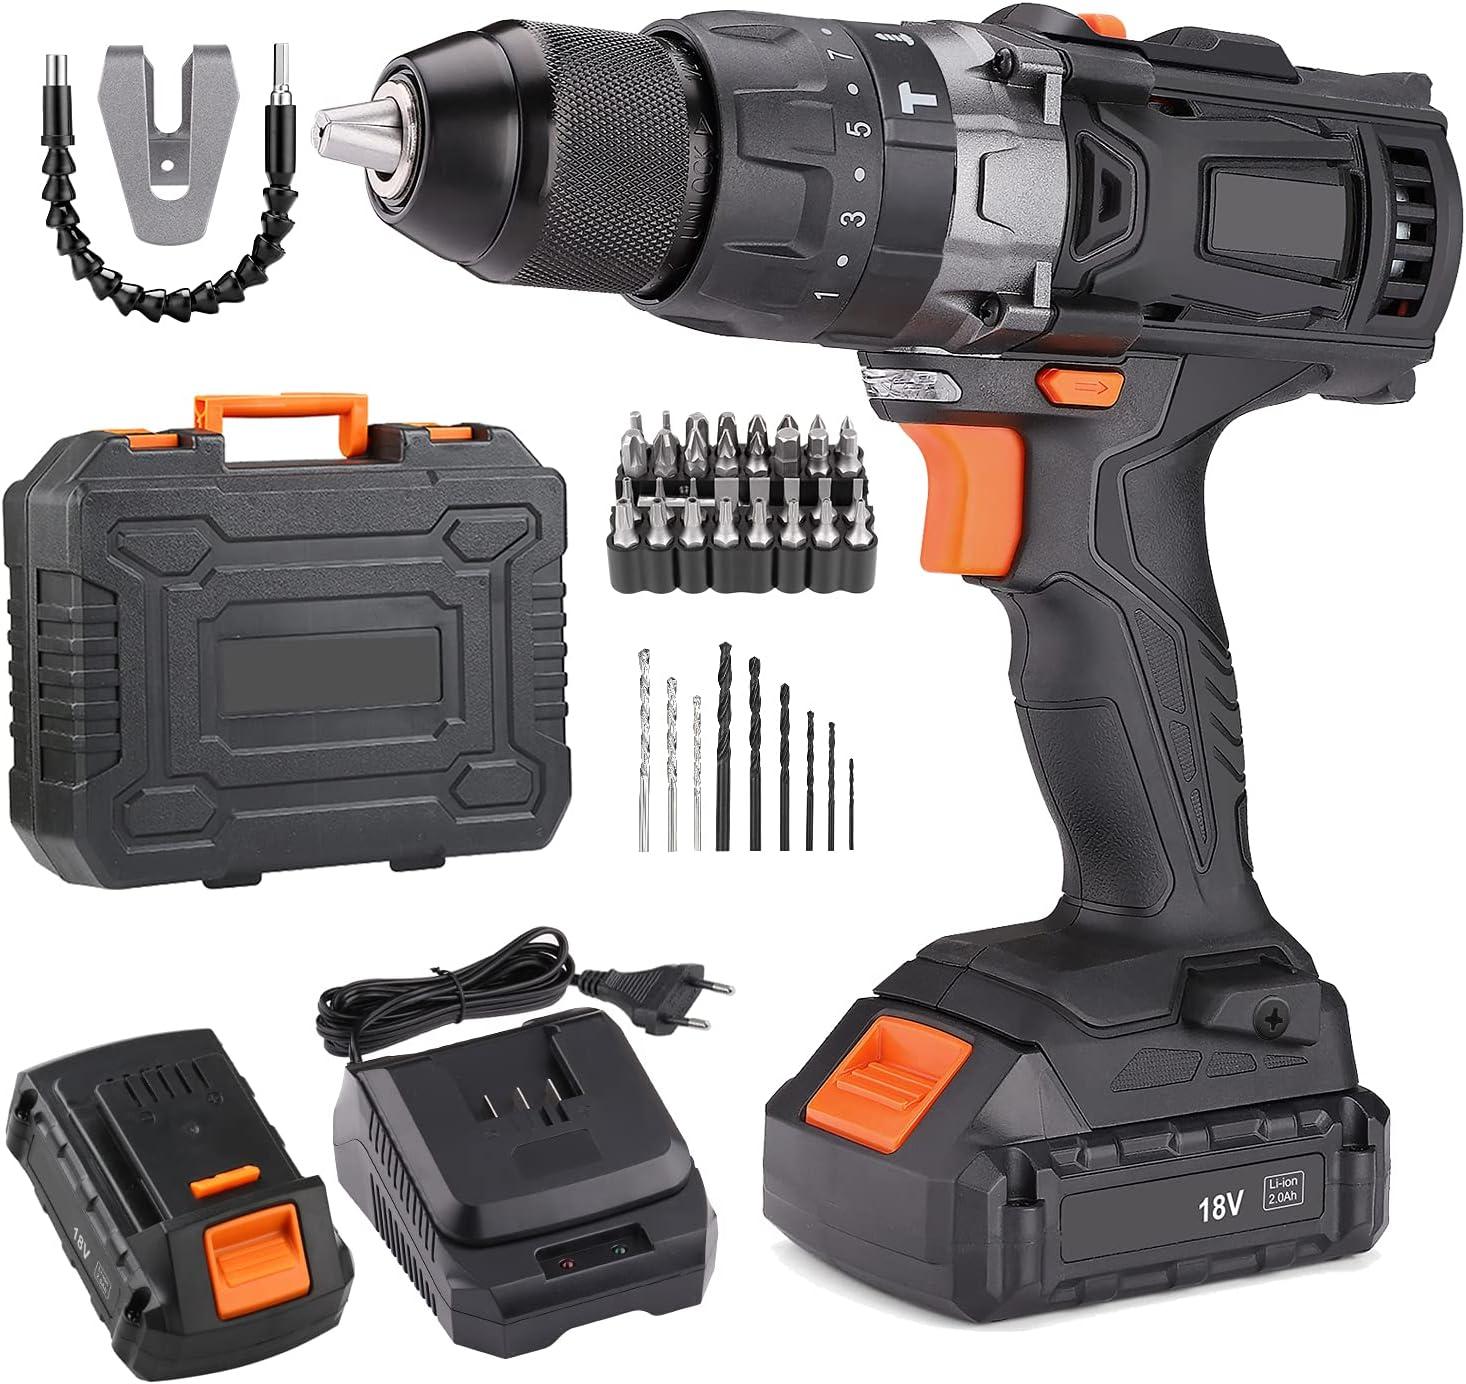 Taladro Atornillador 18 V, Máx 45Nm, 2x 2.0Ah Baterías Litio, 43 Accesorios, 2 Velocidades,13 mm Portabrocas Automatico,1H Carga Rápida PCD04B